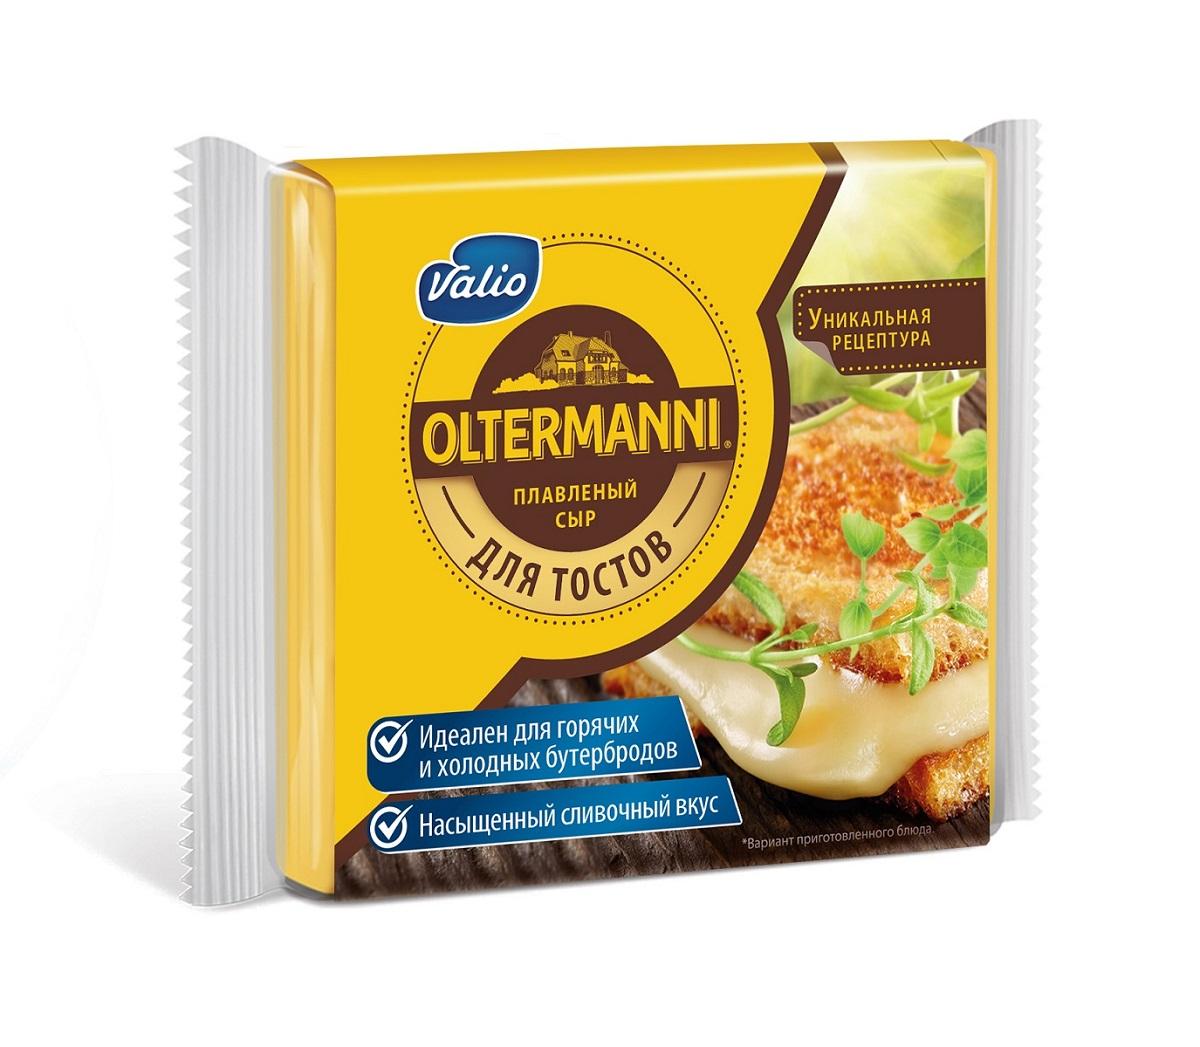 Valio Сыр Oltermanni плавленый в ломтиках, 140 г valio viola сыр с лисичками плавленый 400 г